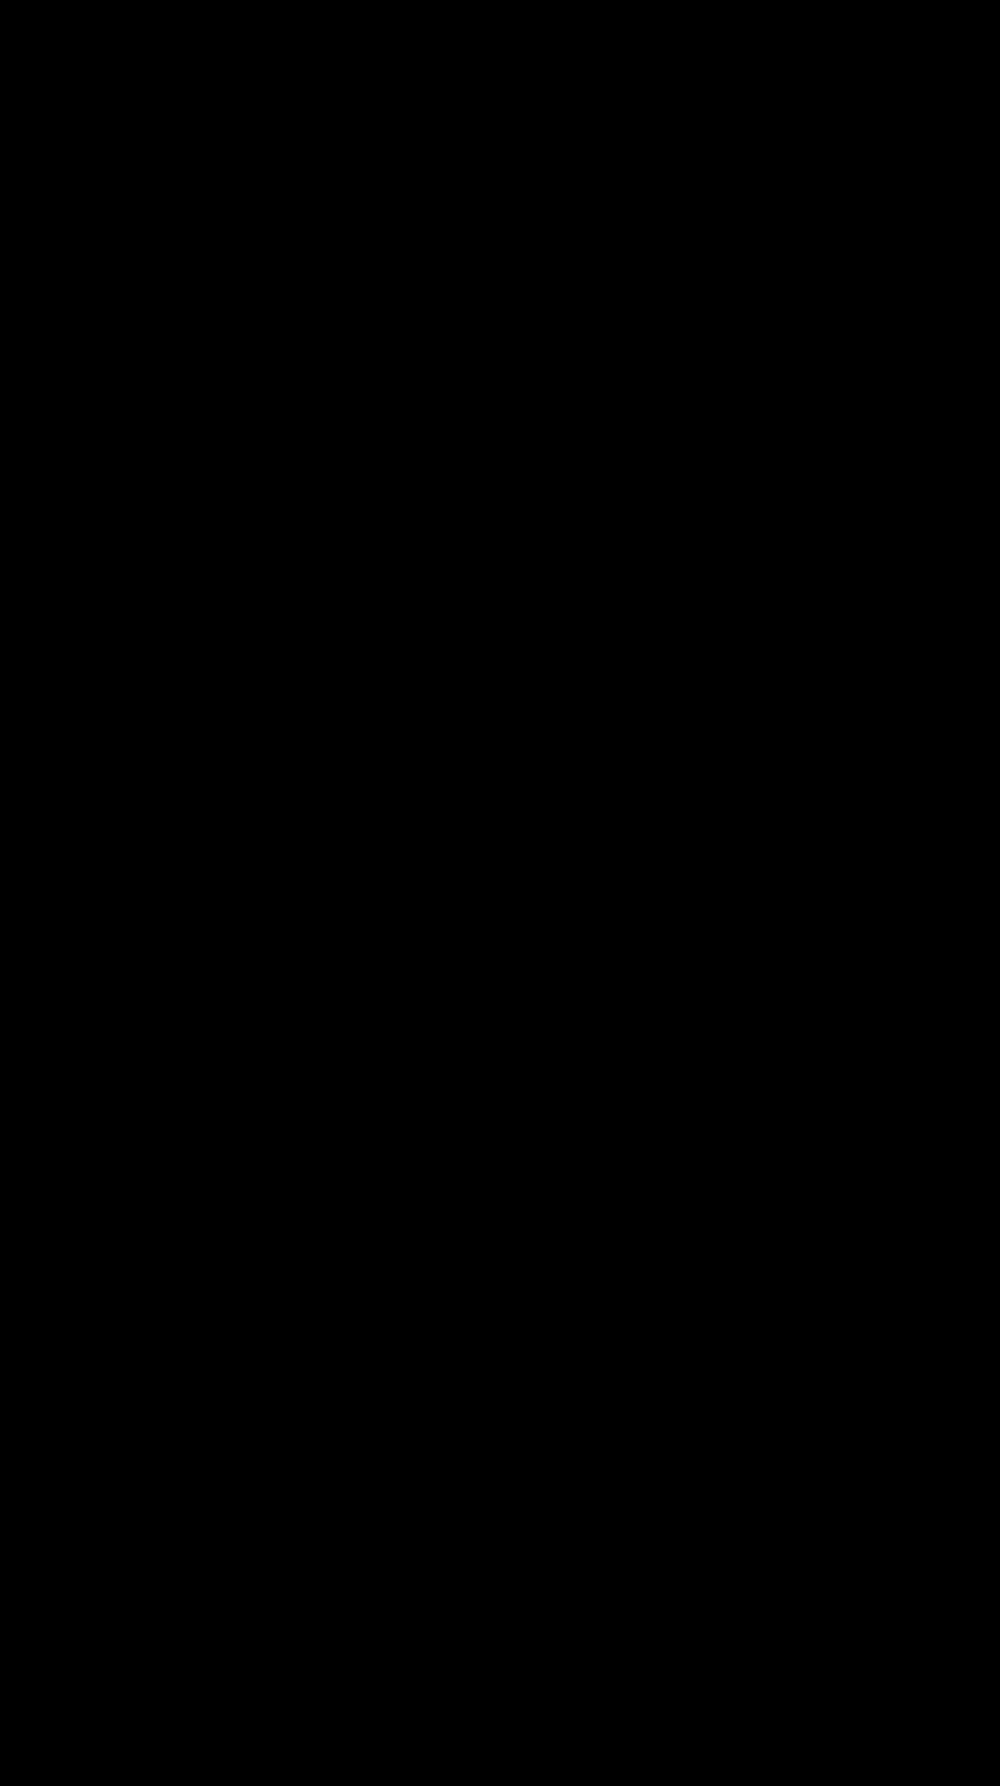 Symbols glossarium credo quia. Crucifix clipart slanted